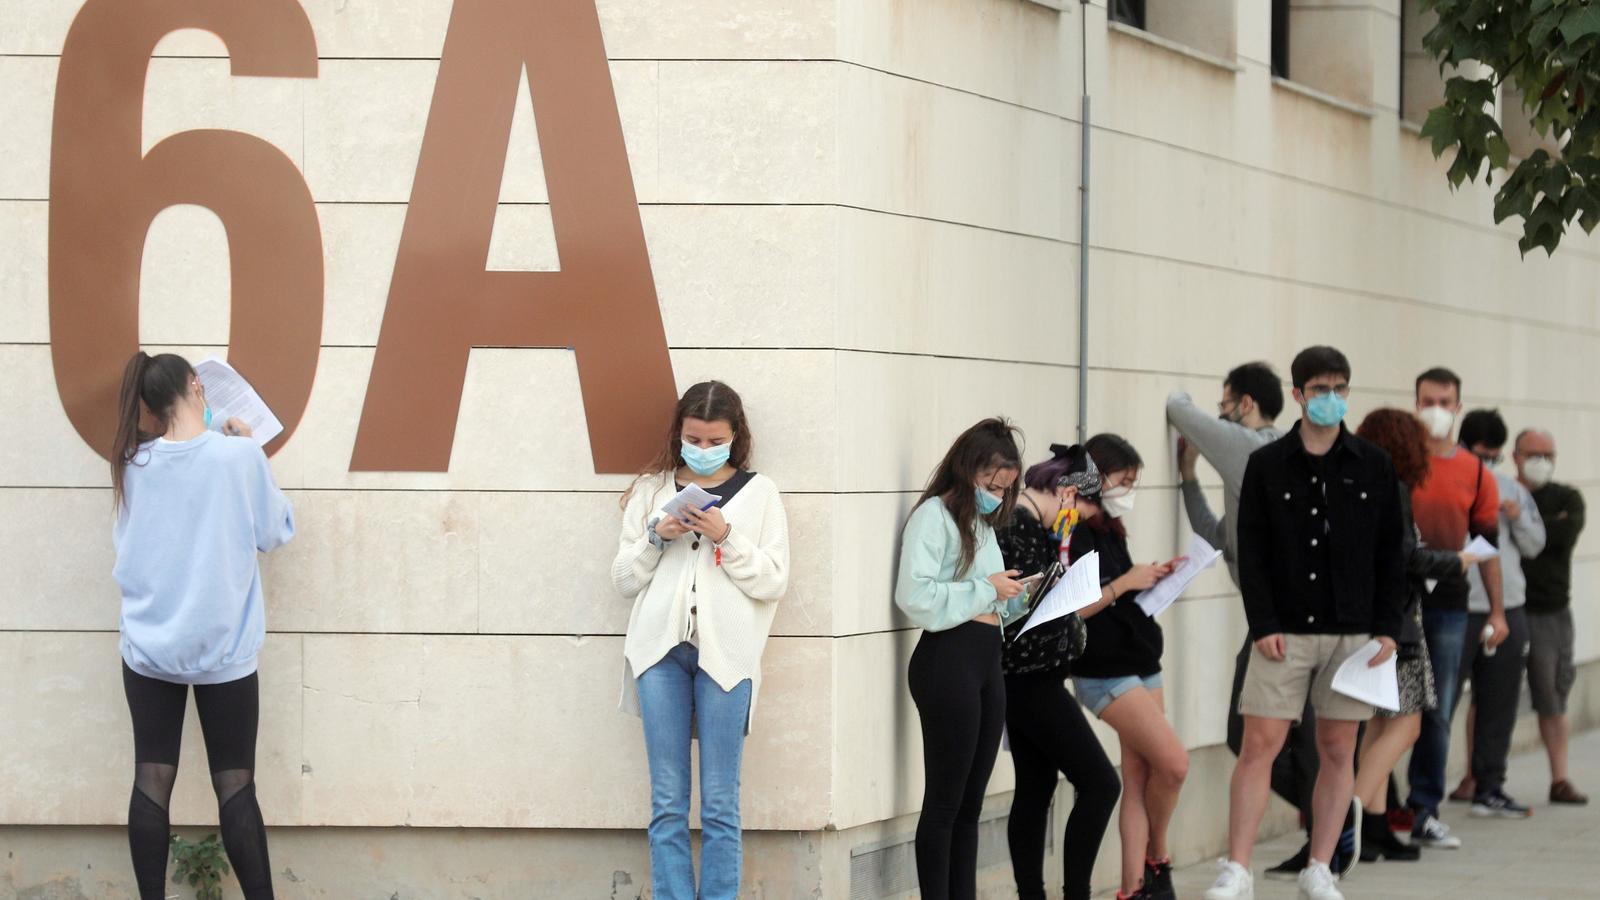 Estudiants de la Universitat Politècnica de València (UPV) fan cua en l'exterior de les instal·lacions del pavelló de bàsquet on es realitzen proves PCR